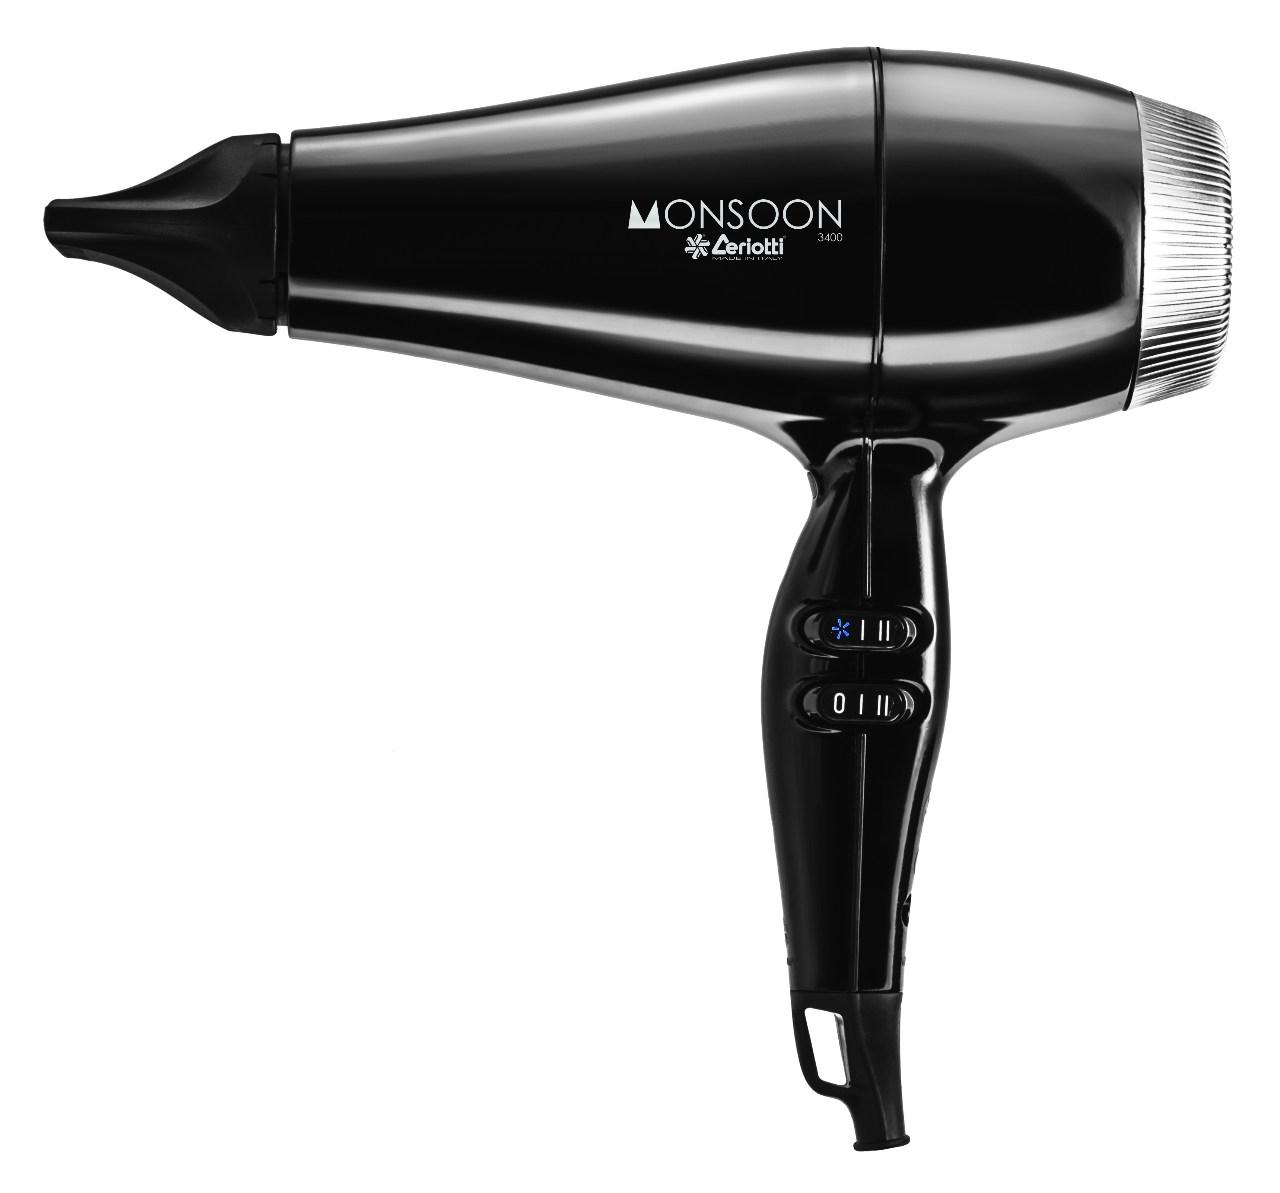 Ceriotti MONSOON 3400 - profesionální vysoušeč vlasů